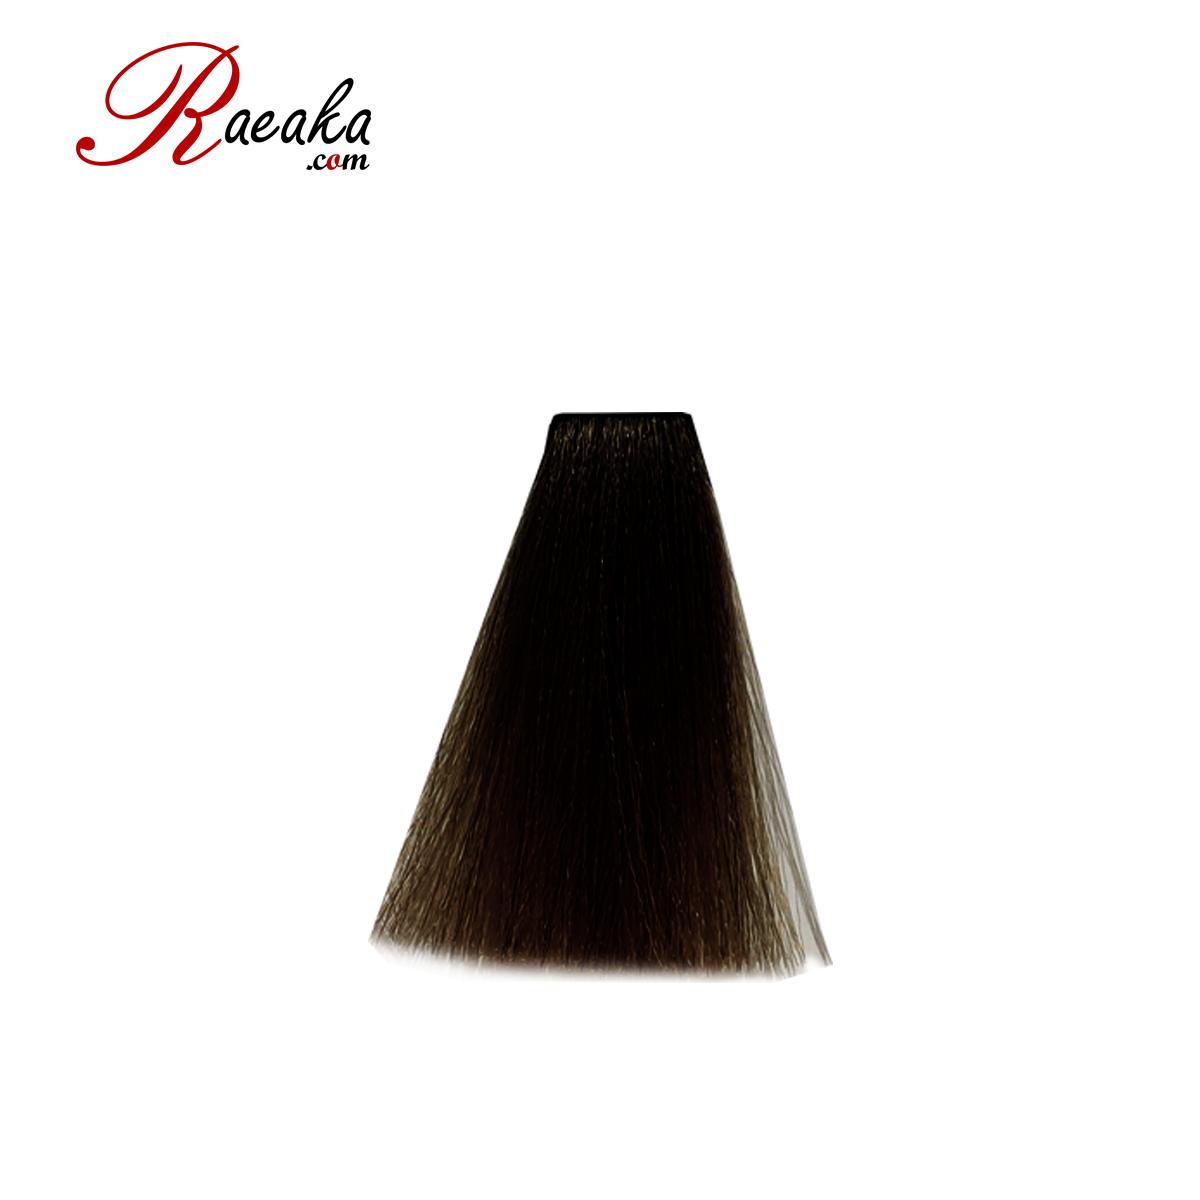 رنگ مو دوماسی سری طبیعی اکسترا قهوه ای متوسط اکسترا ۴٫۰۰ حجم ۱۲۰ میلی لیتر